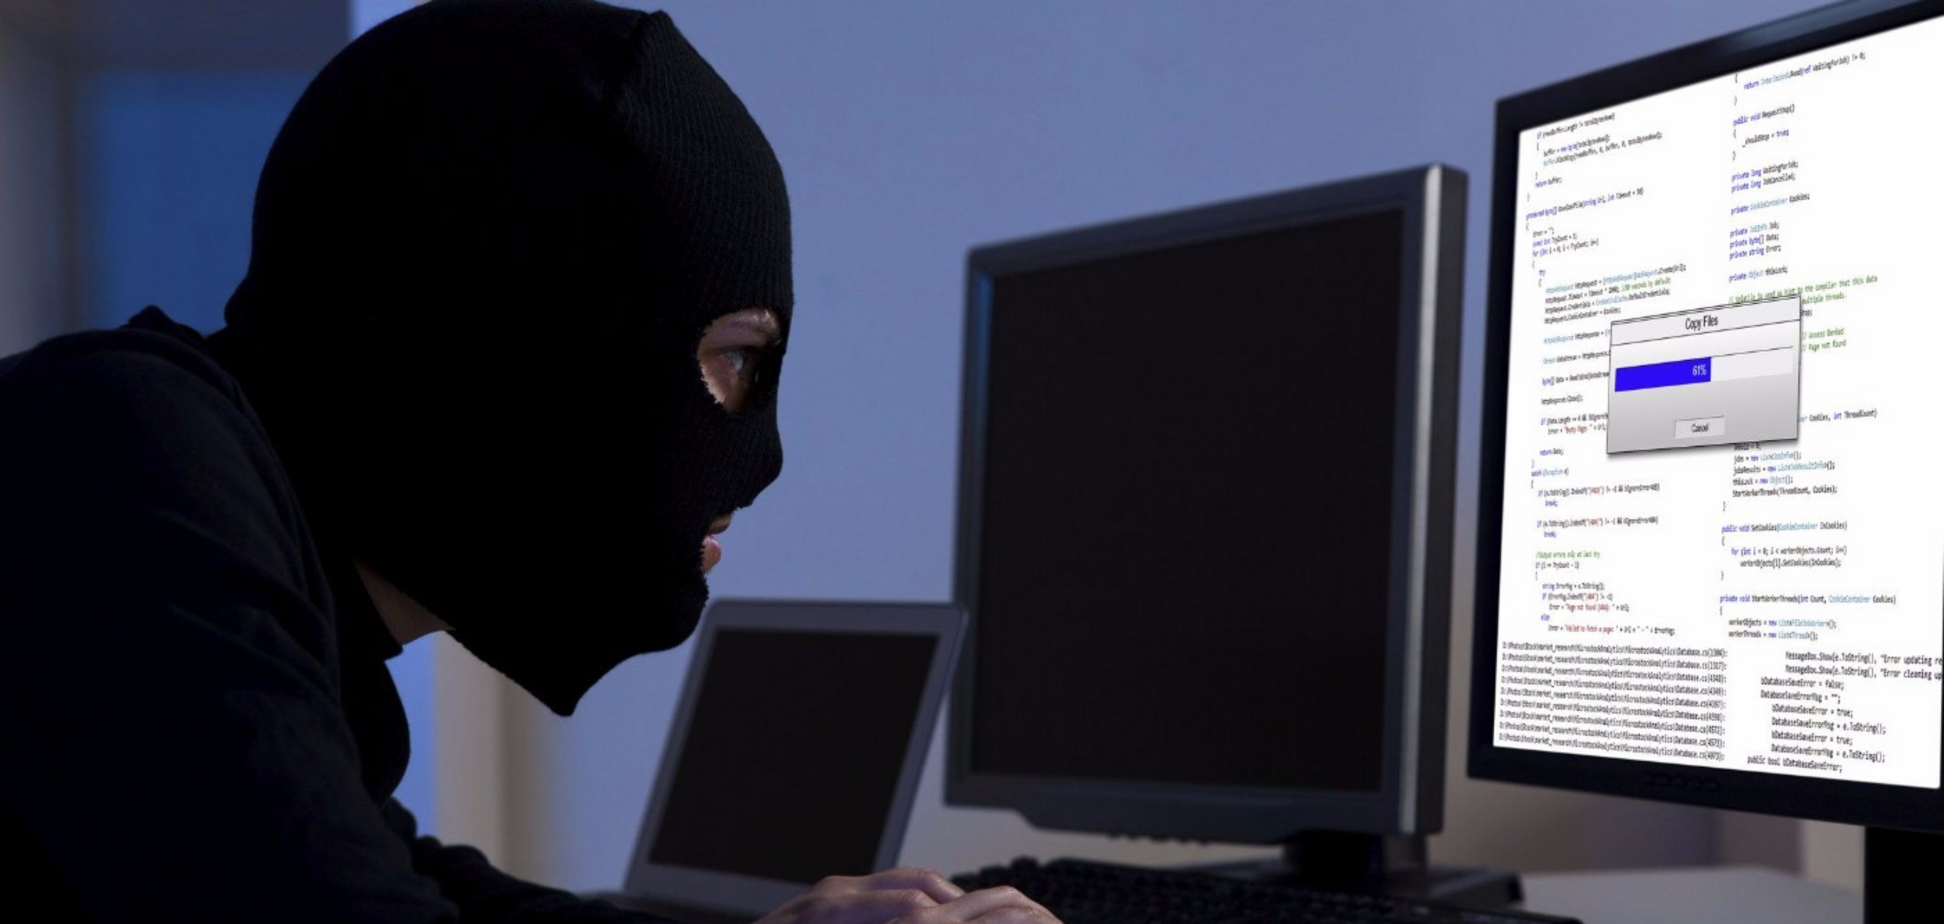 В Днепре псевдомастера компьютеров 'разводят' людей на крупные деньги: подробности